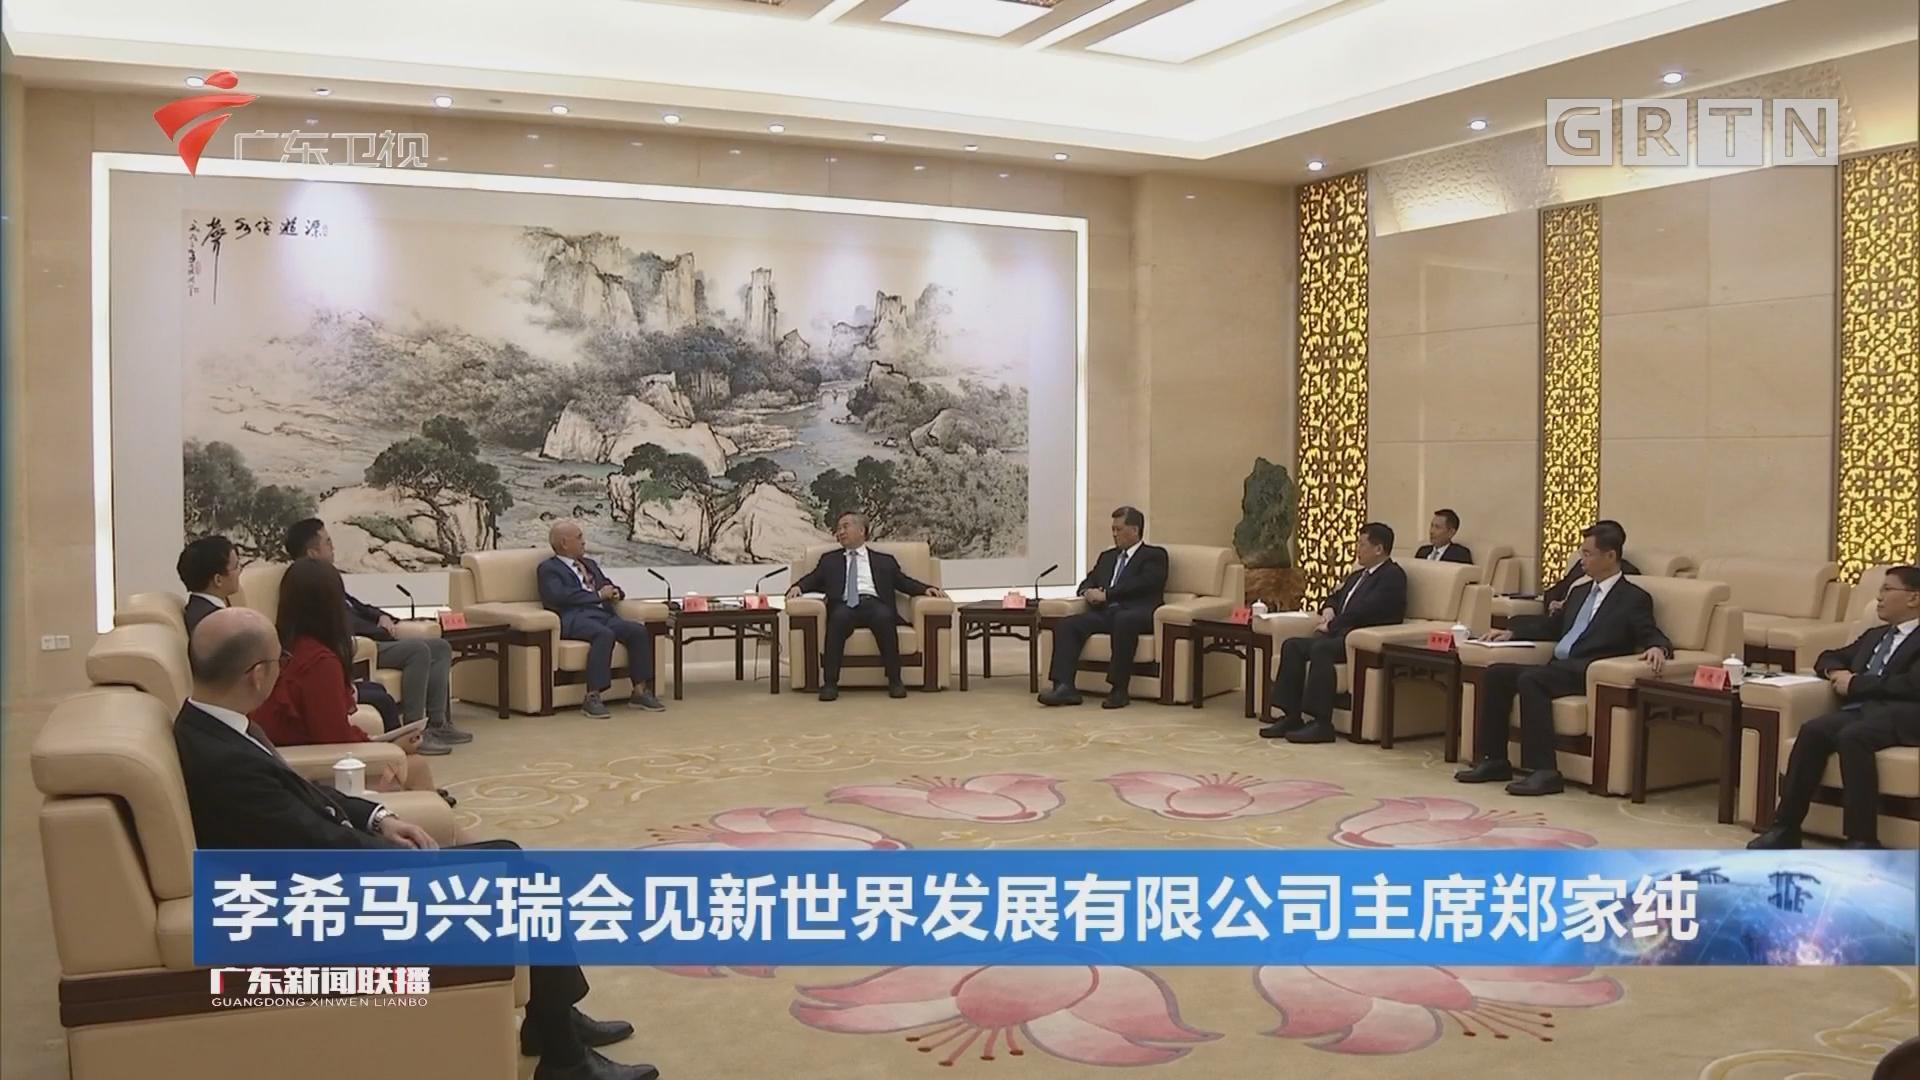 李希馬興瑞會見新世界發展有限公司主席鄭家純